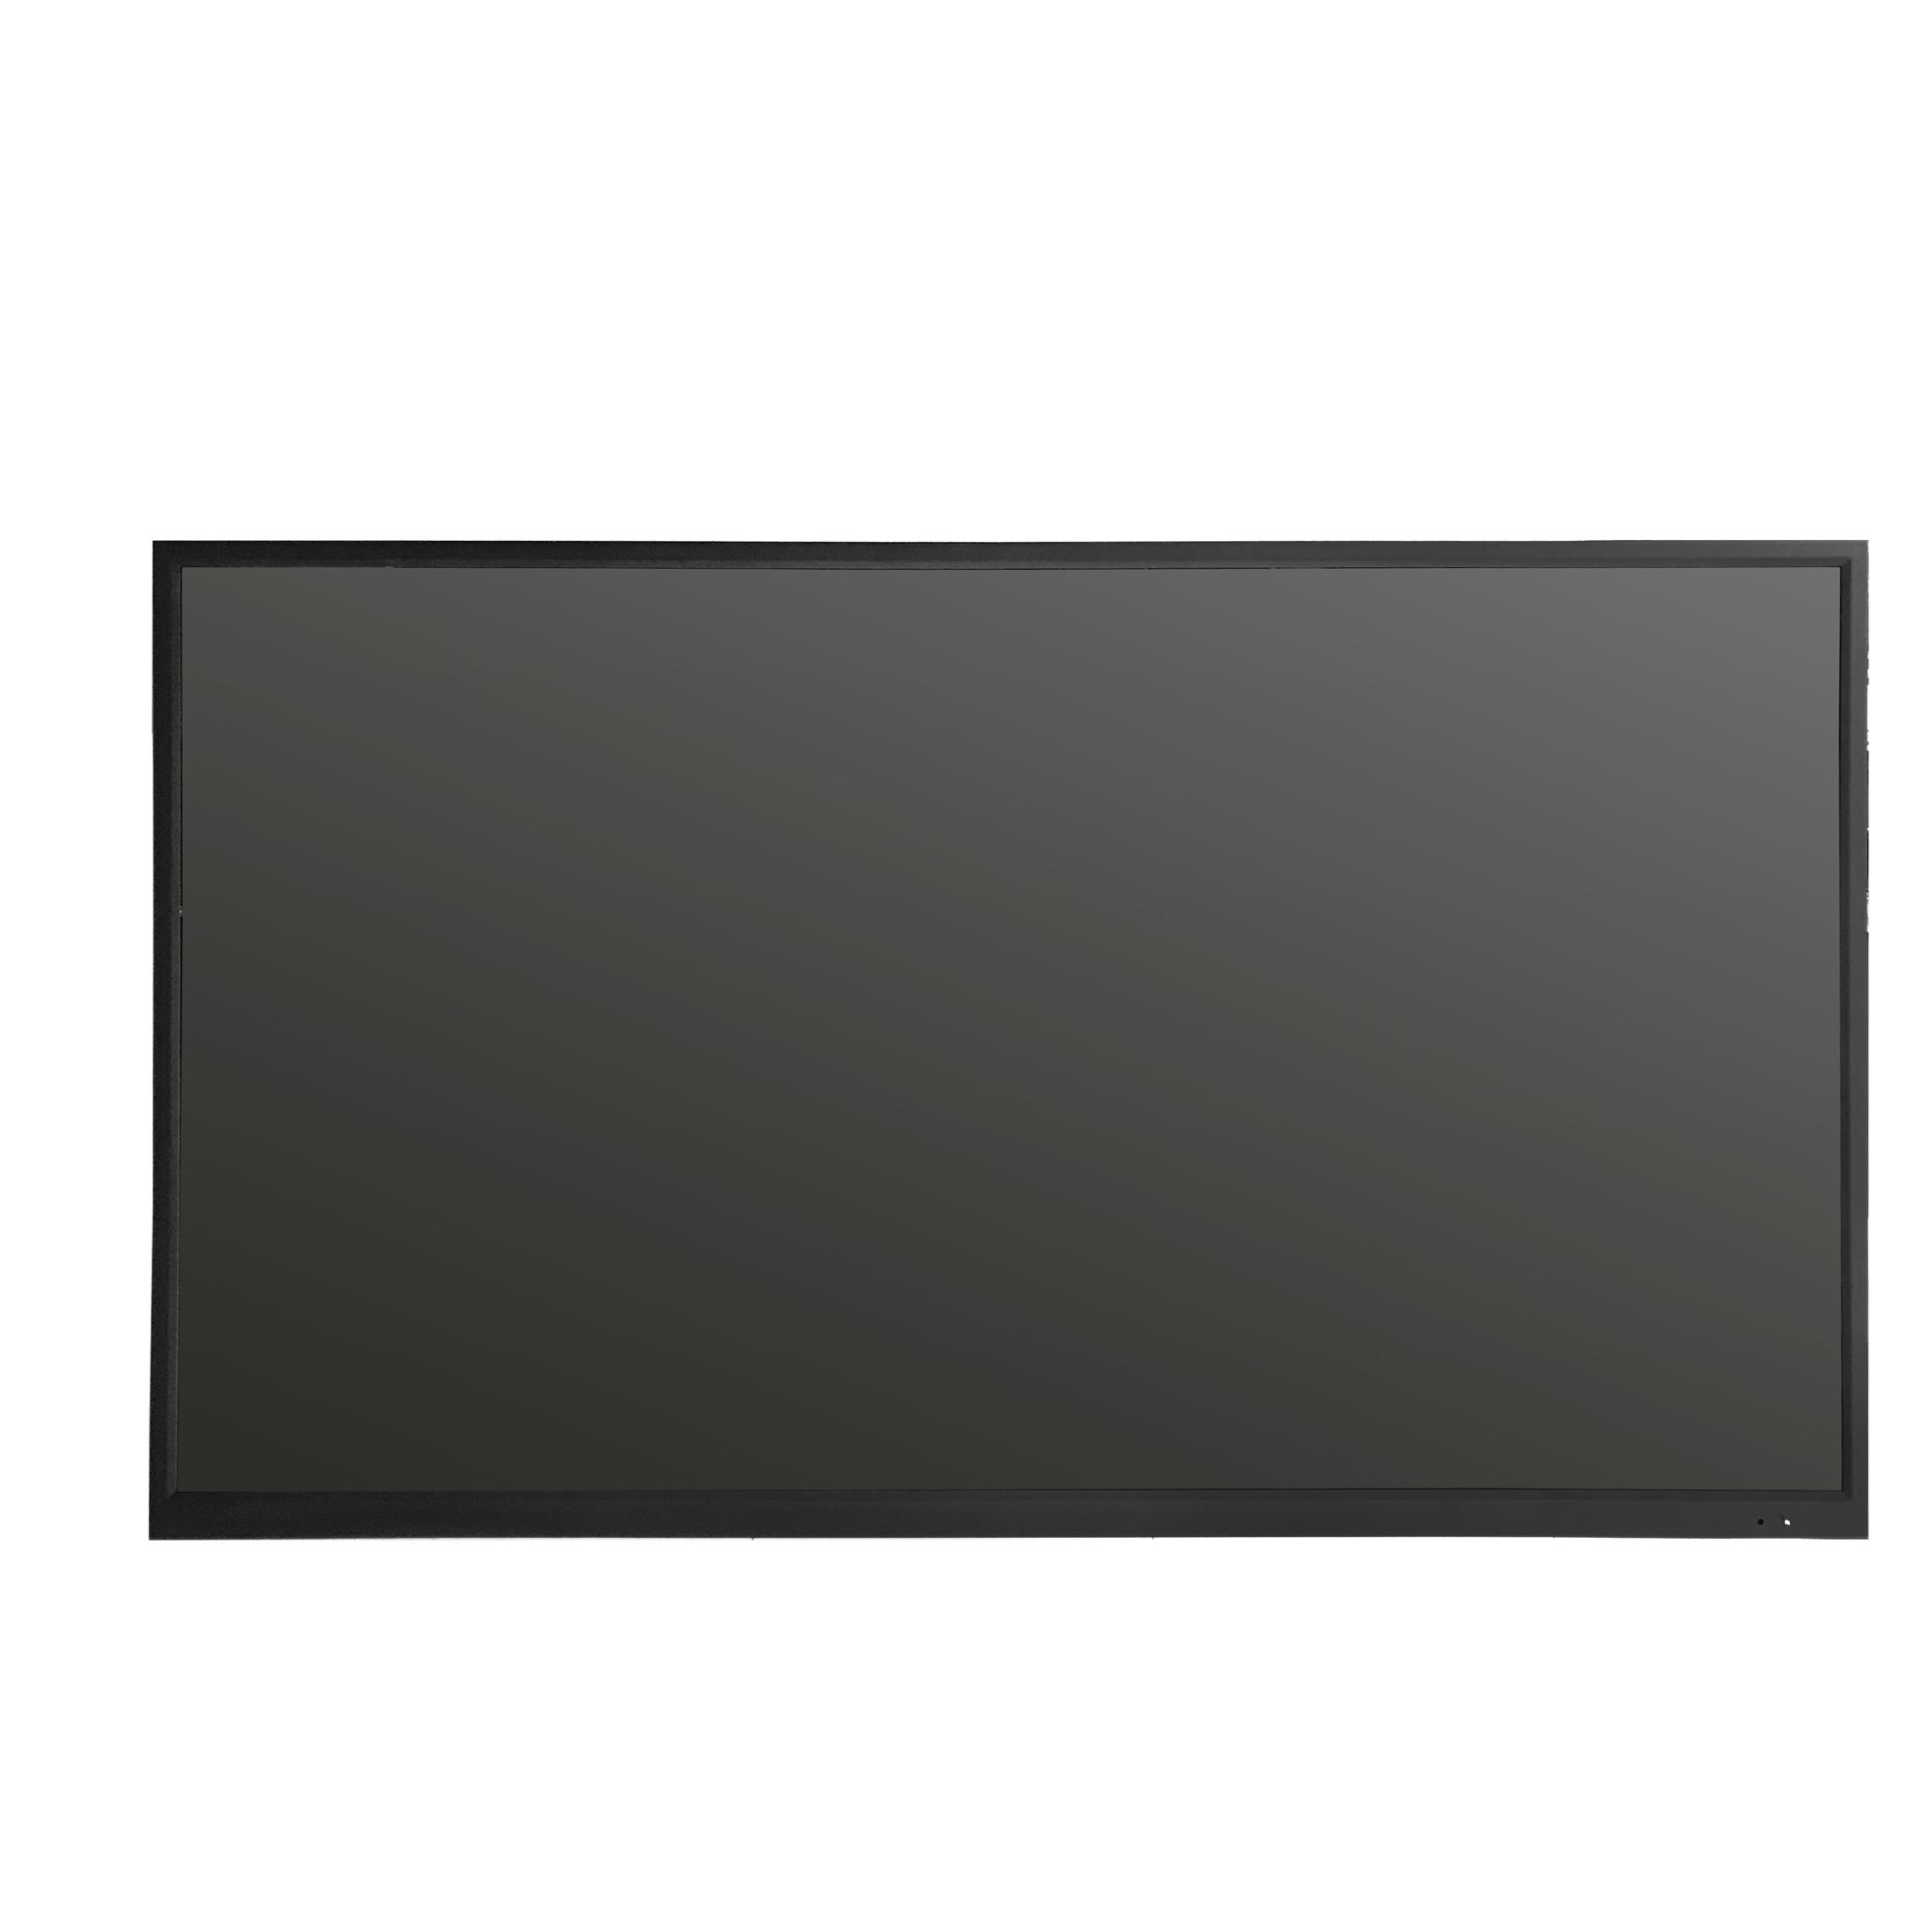 55 بوصة شاشات الكريستال السائل عالية الوضوح التلفزيون الجدار رصد الأمن الشاشة 55 بوصة الشاشة فسيفساء قذيفة معدنية